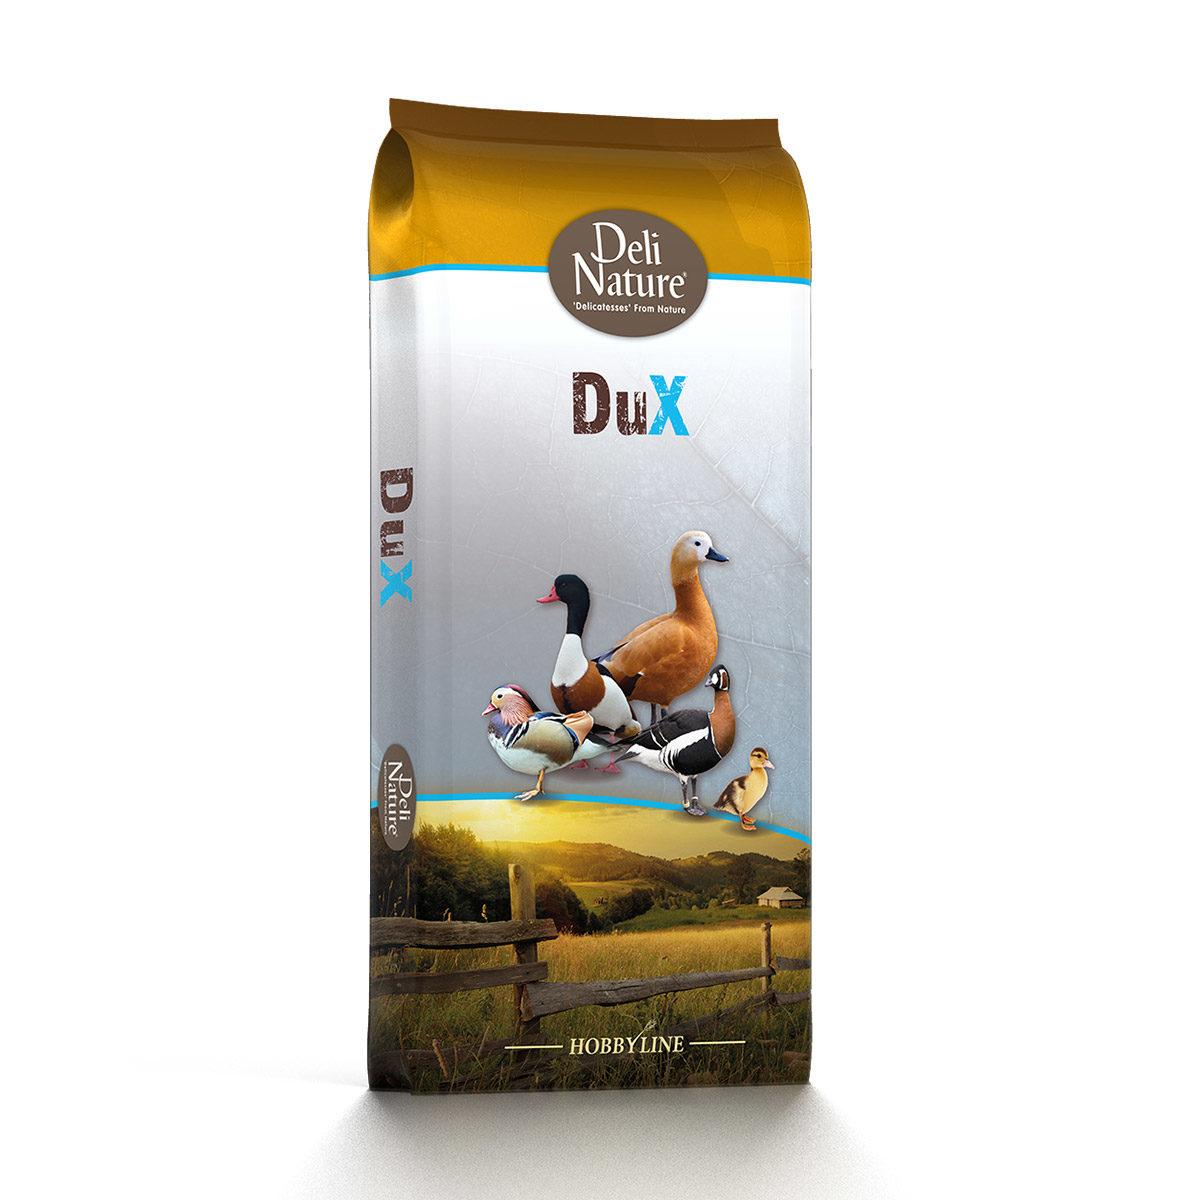 Deli Nature DuX-Groei-Pellet 20kg